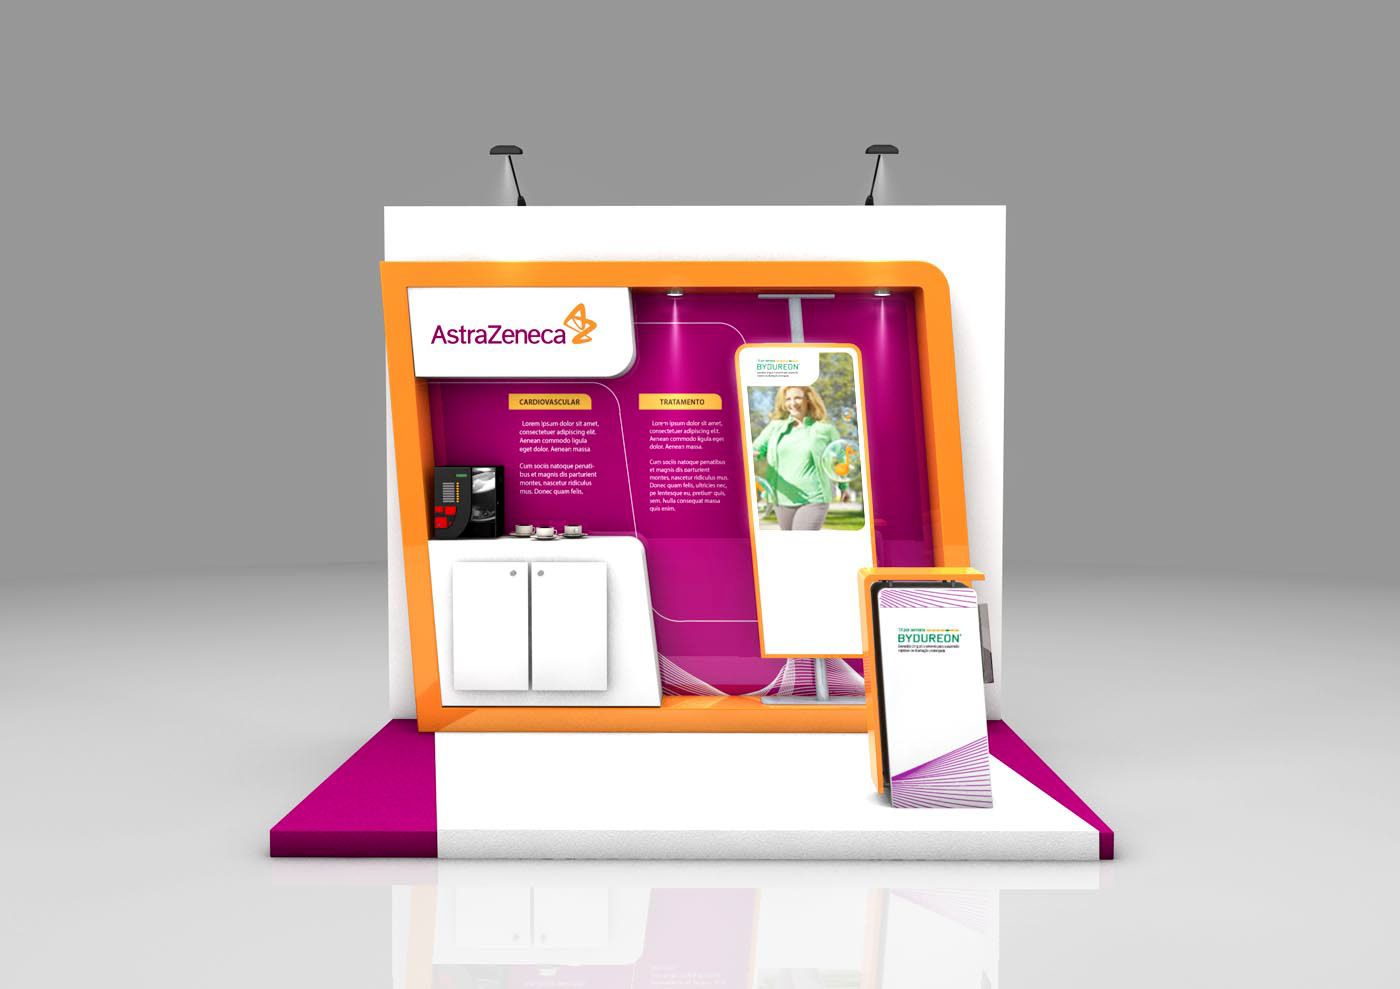 Astrazeneca Exhibition Booth On Behance Exhibition Booth Exhibition Booth Design Exhibition